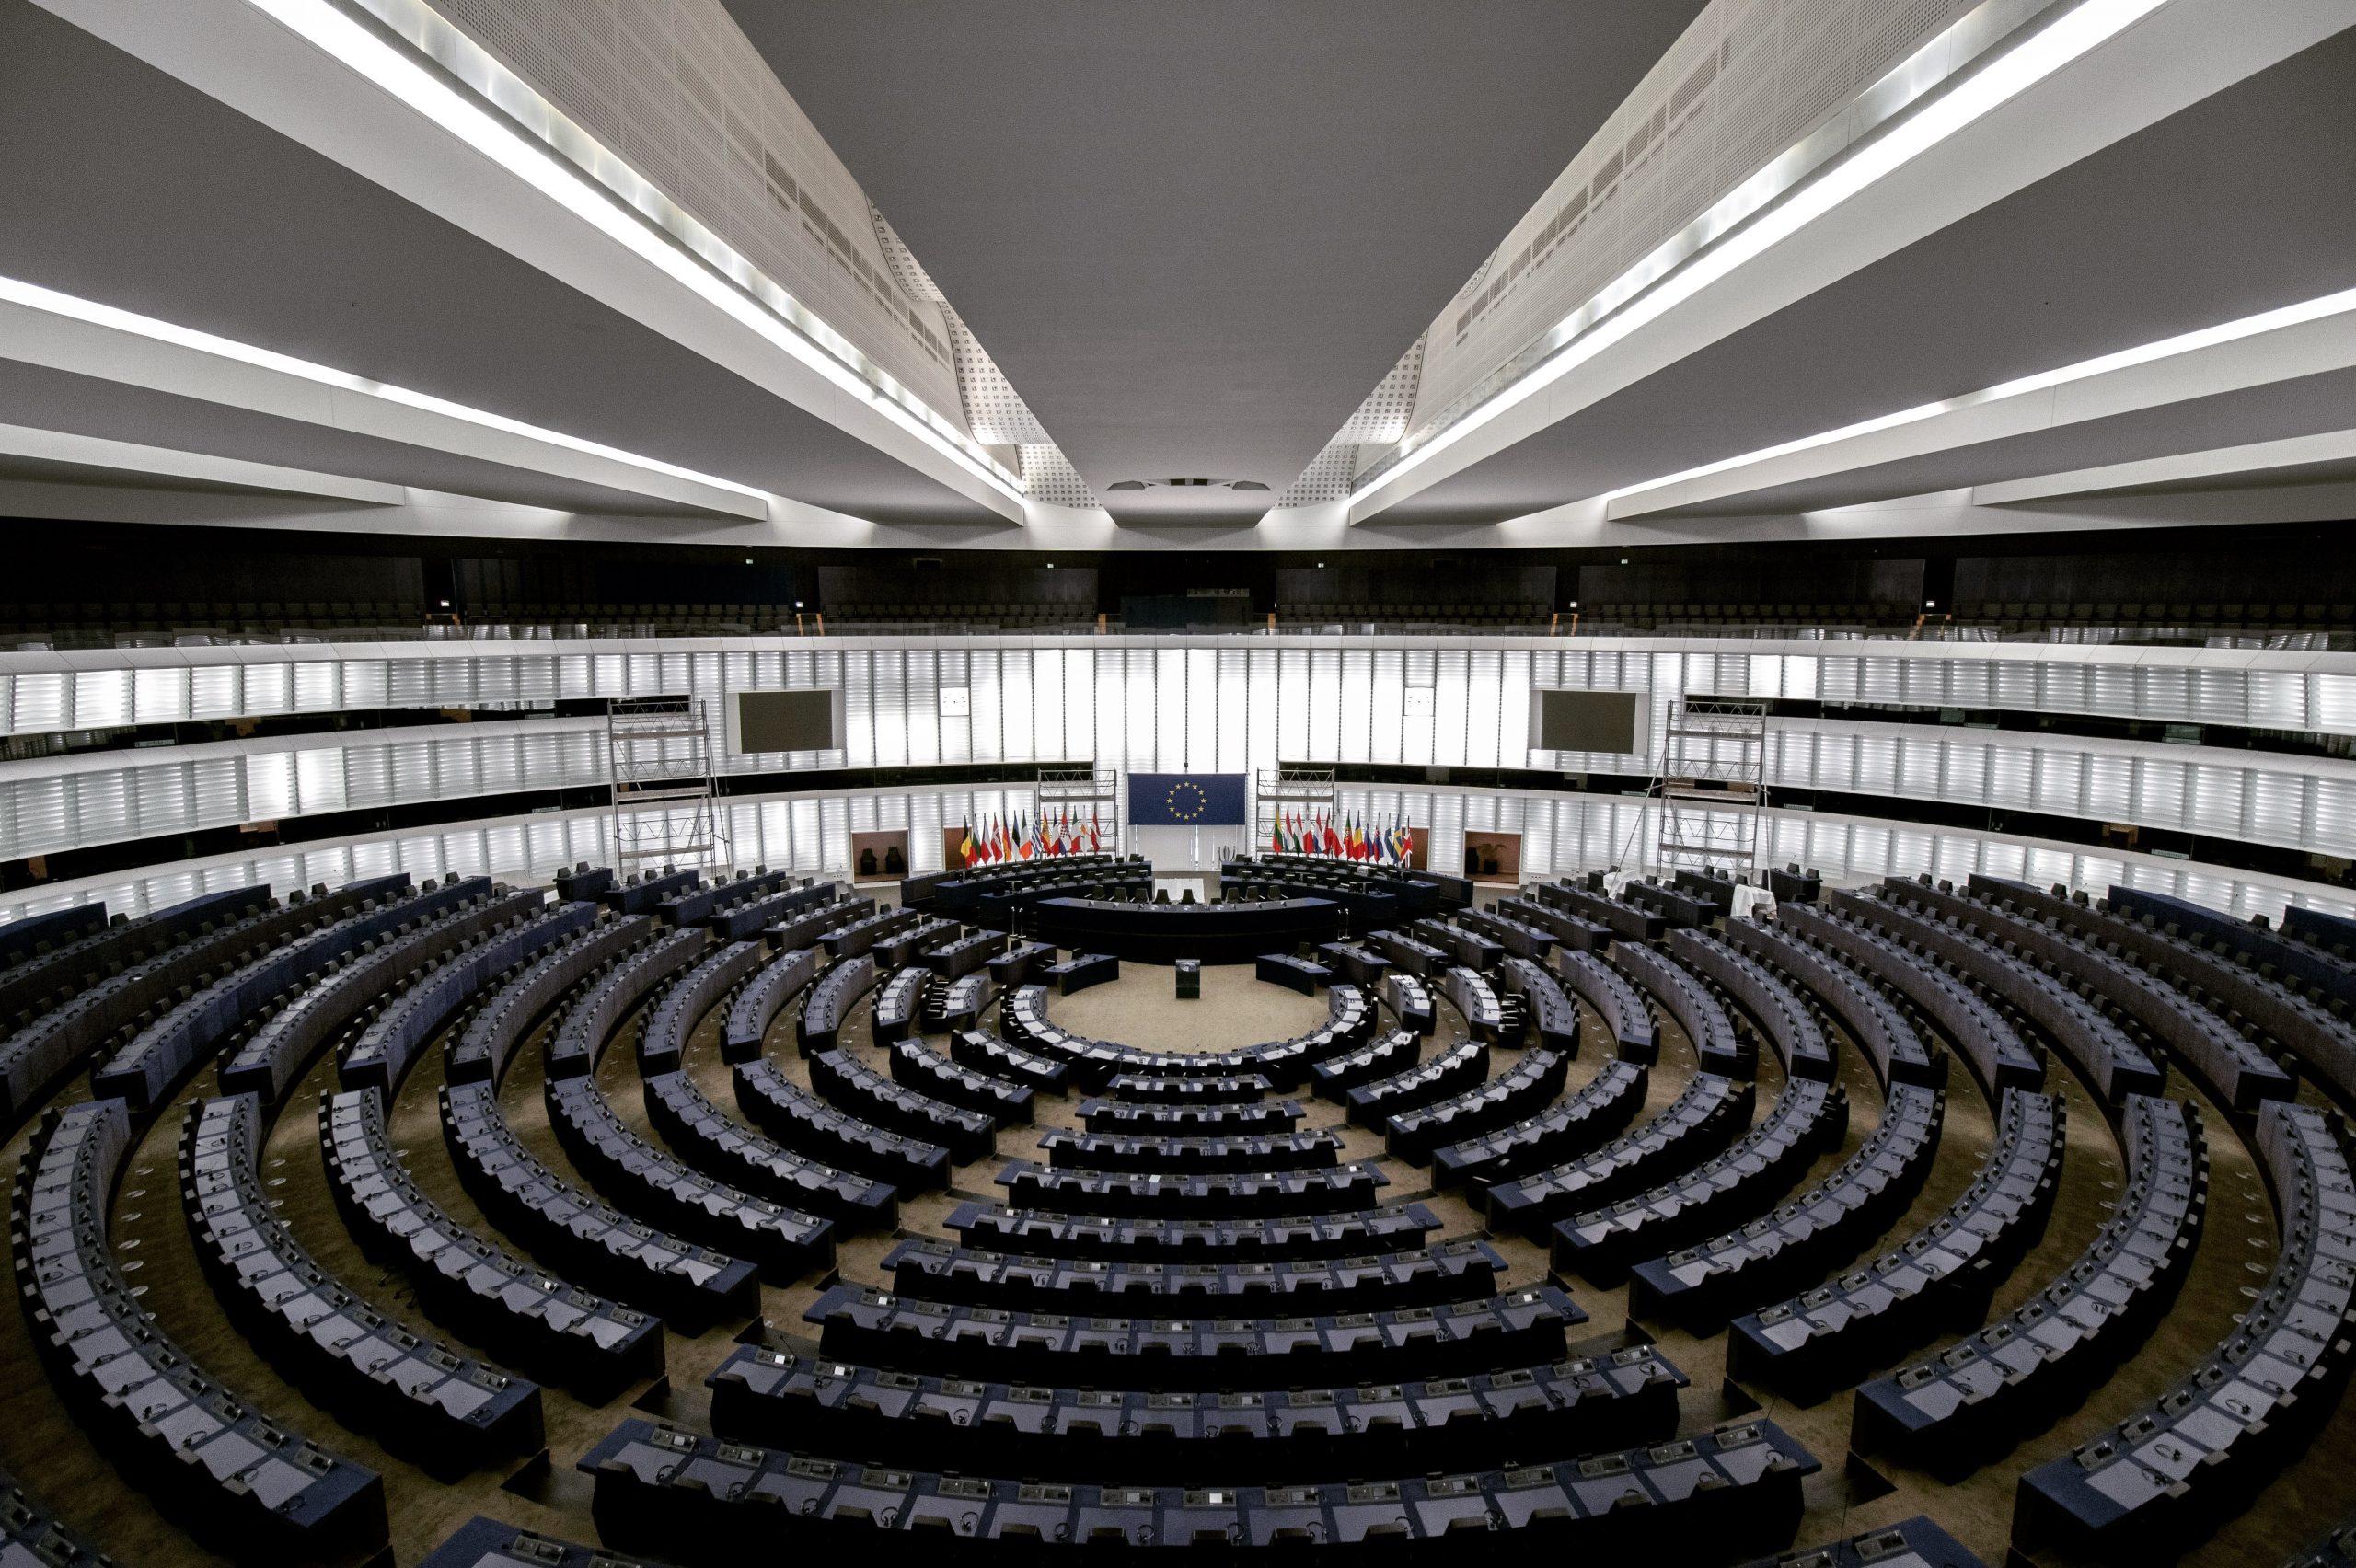 Conseil des ministres des affaires étrangères de l'UE : conclusions